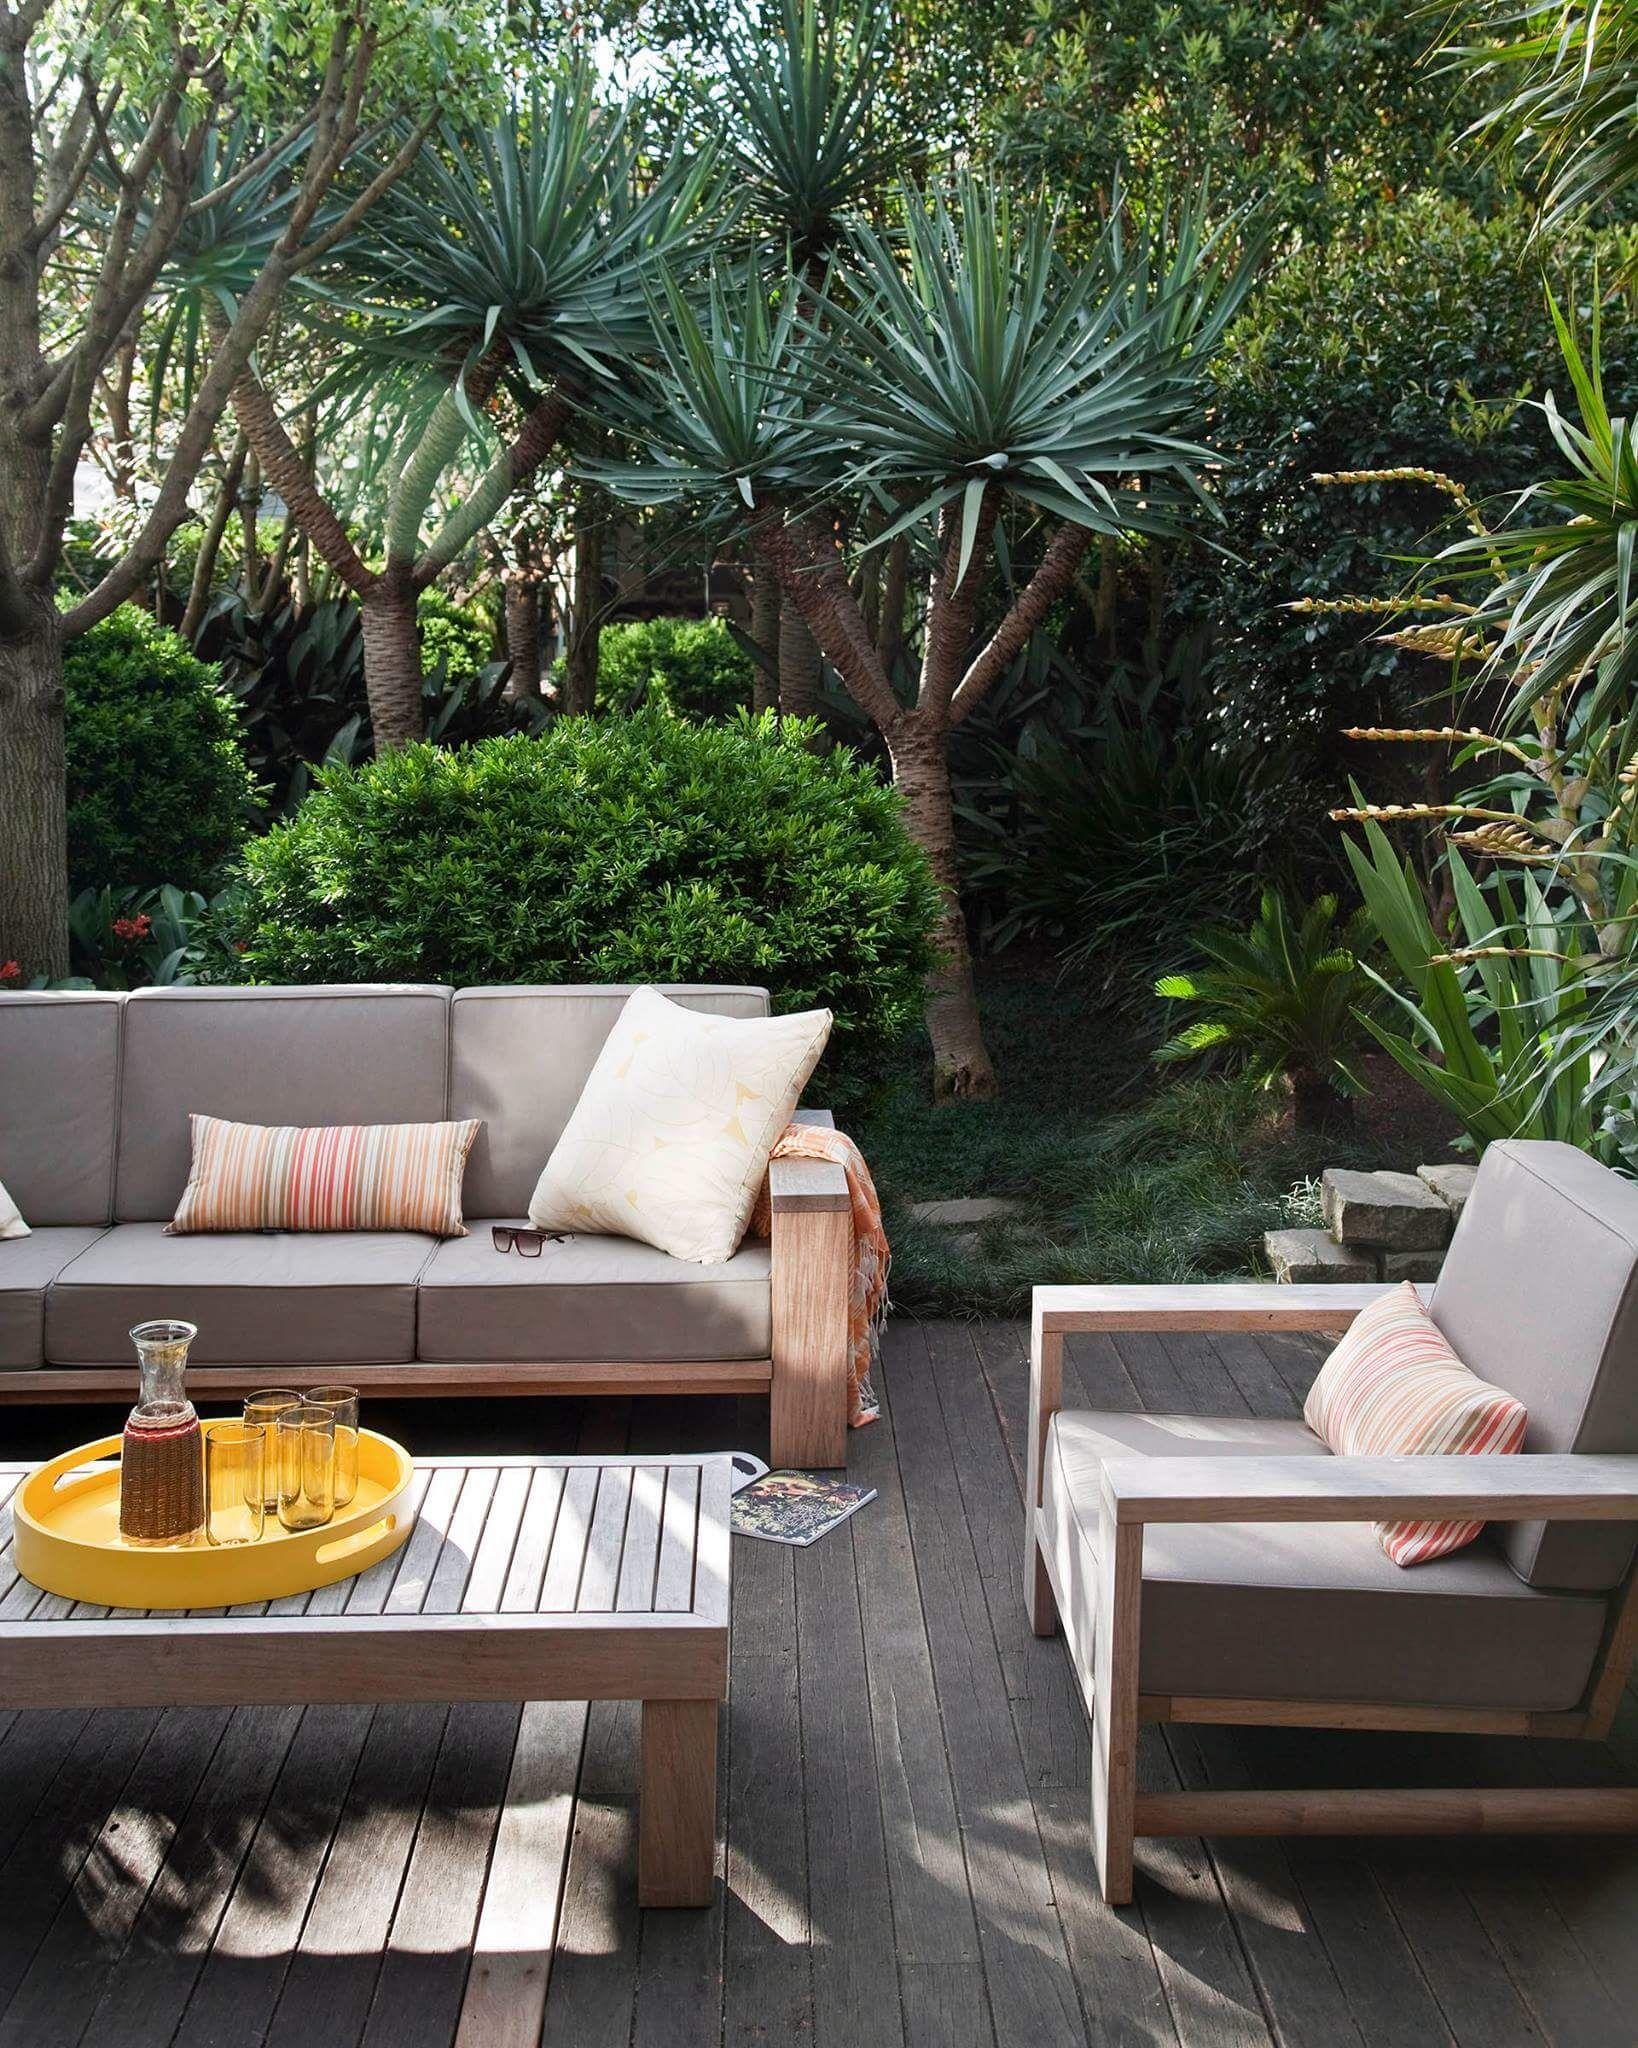 Pin de Heather B. Armstrong en Outdoor Living   Pinterest   Jardines ...